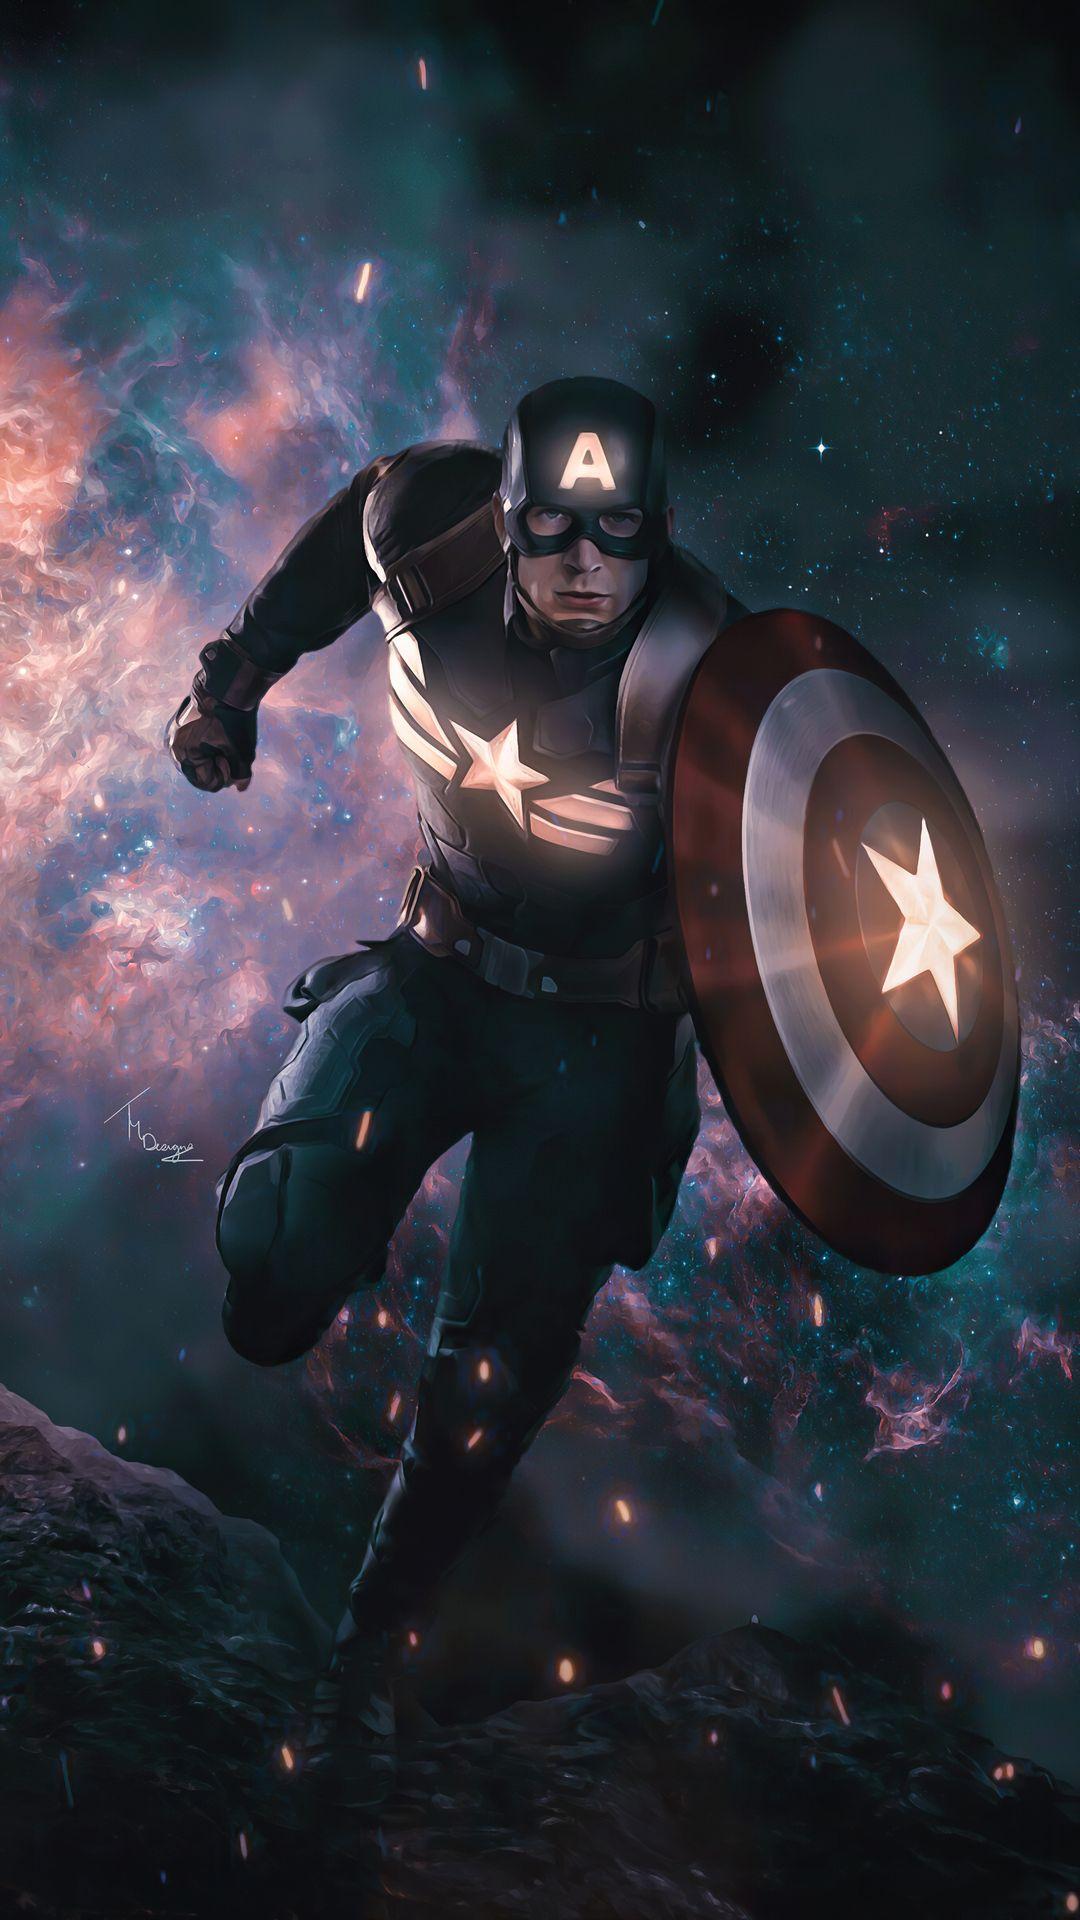 2020 Captain America 4k Artwork Wallpapers | hdqwalls.com